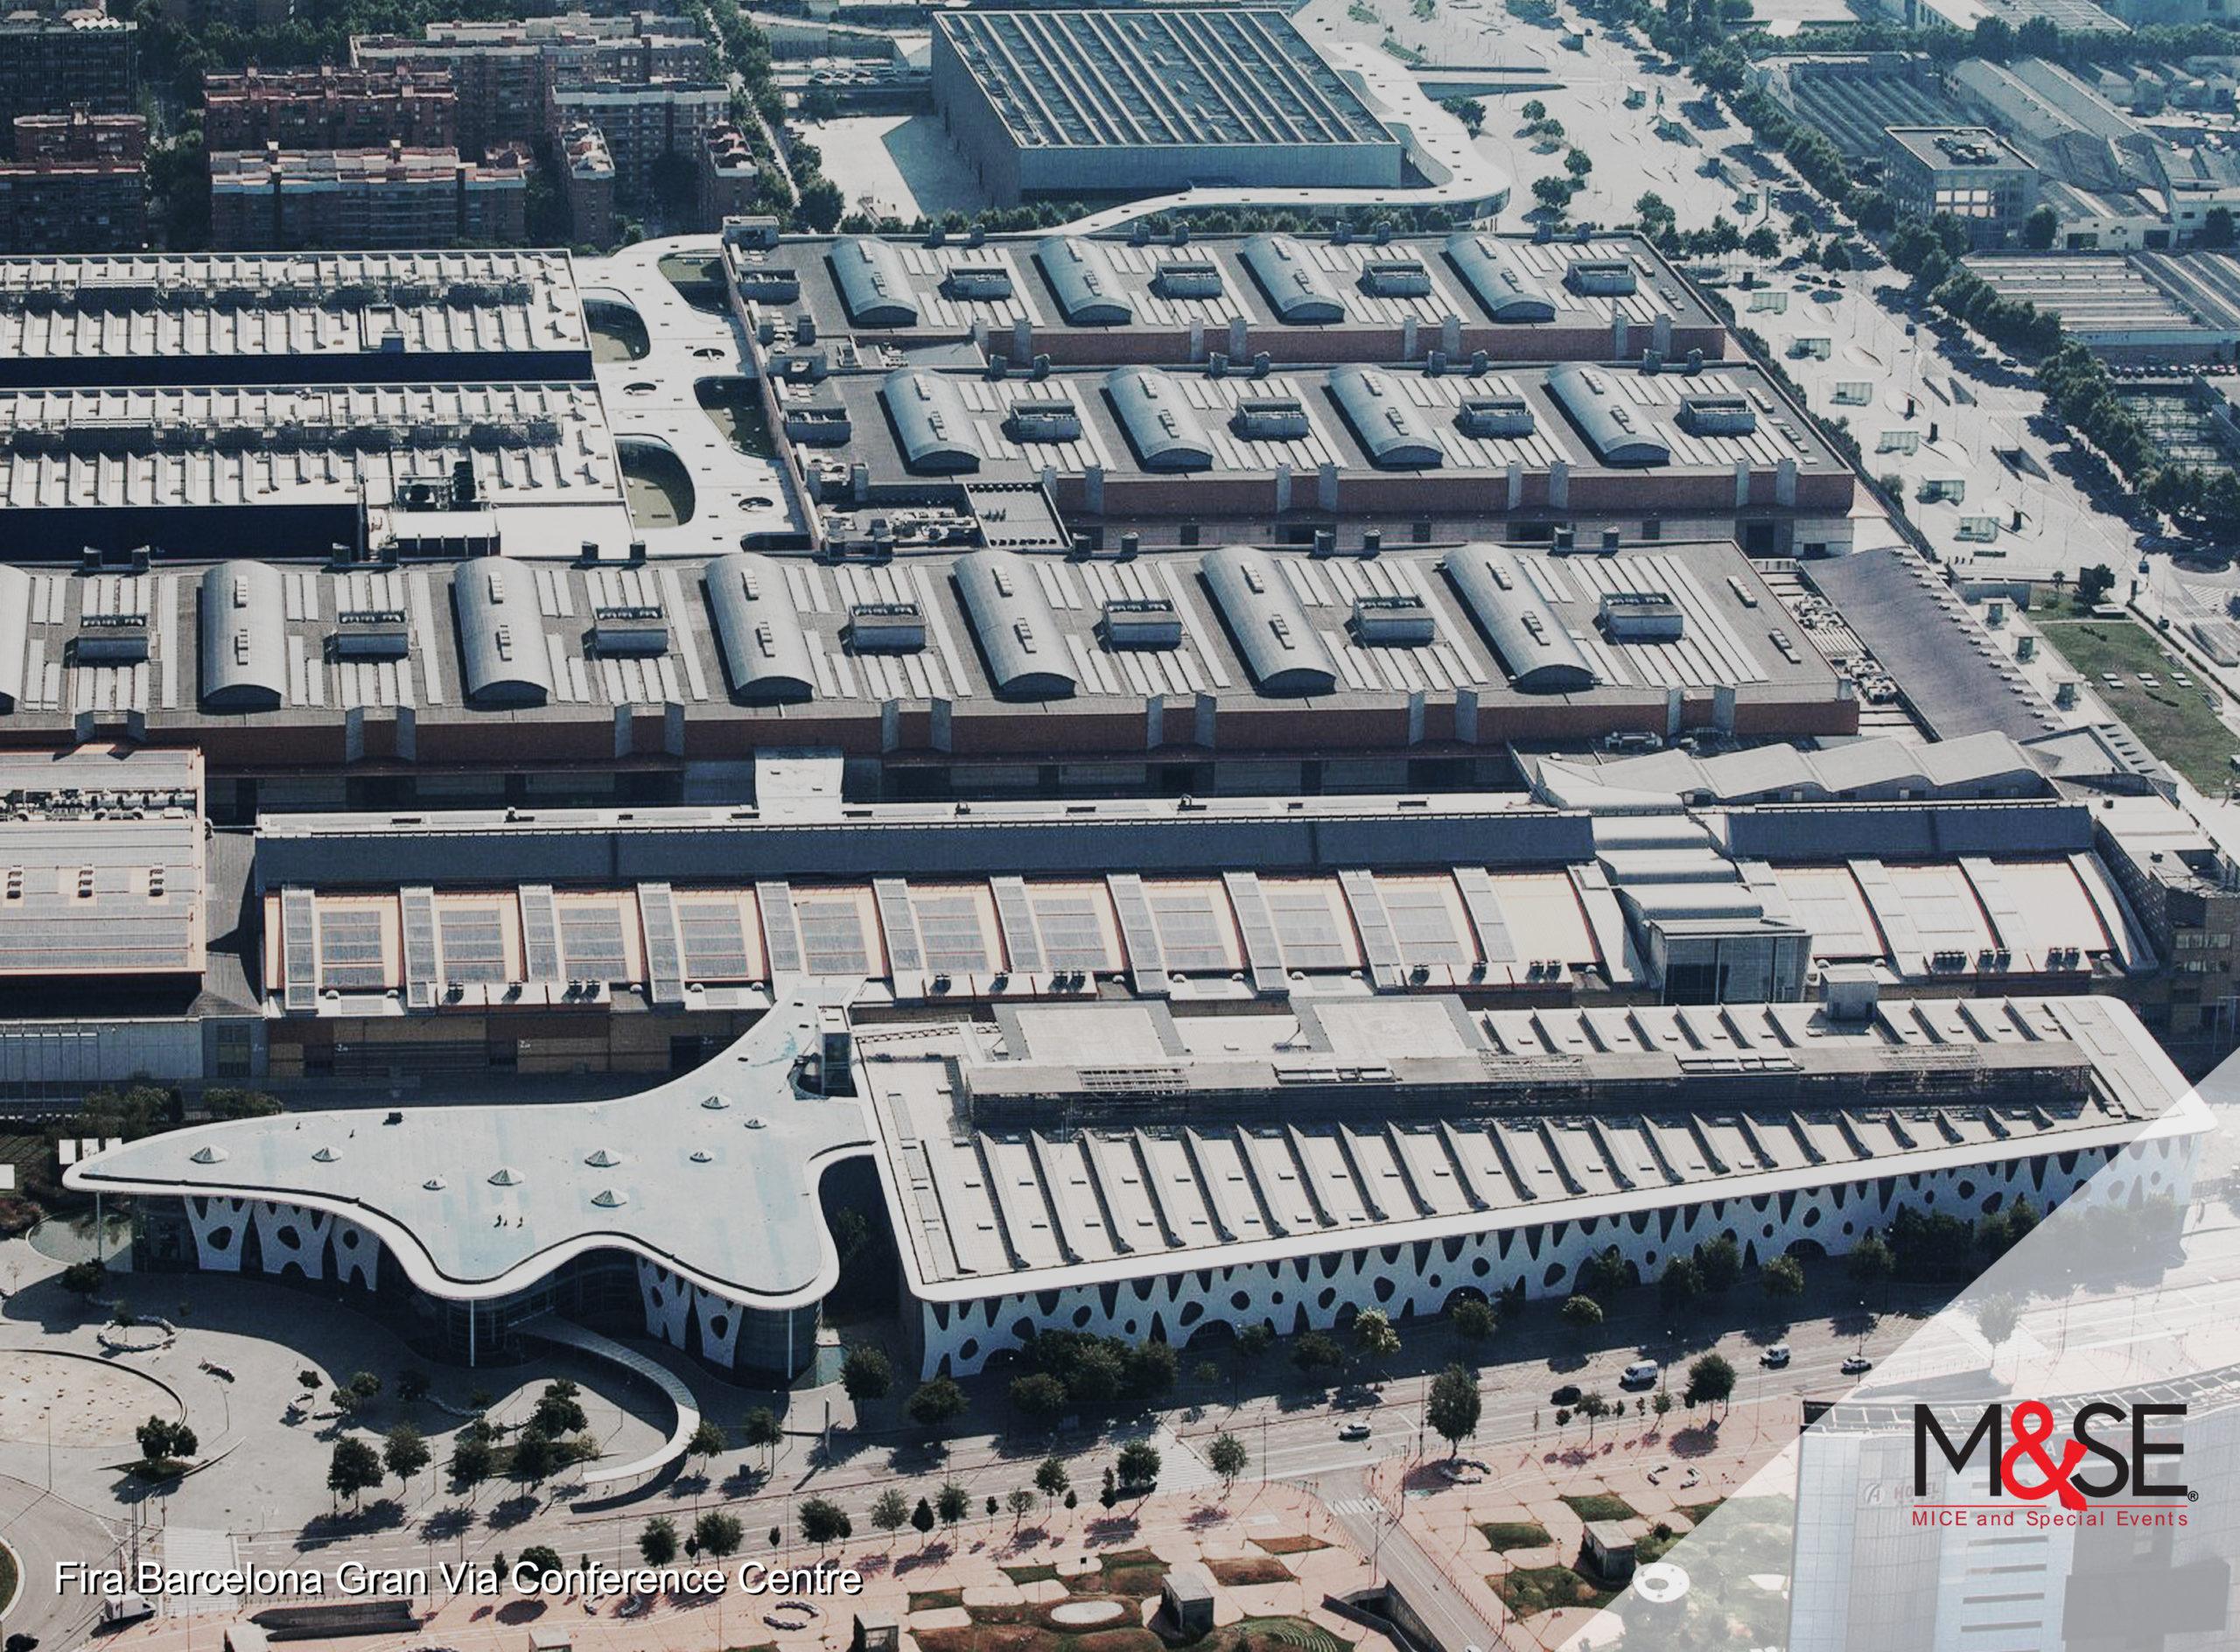 Fira Barcelona Gran Via Conference Centre